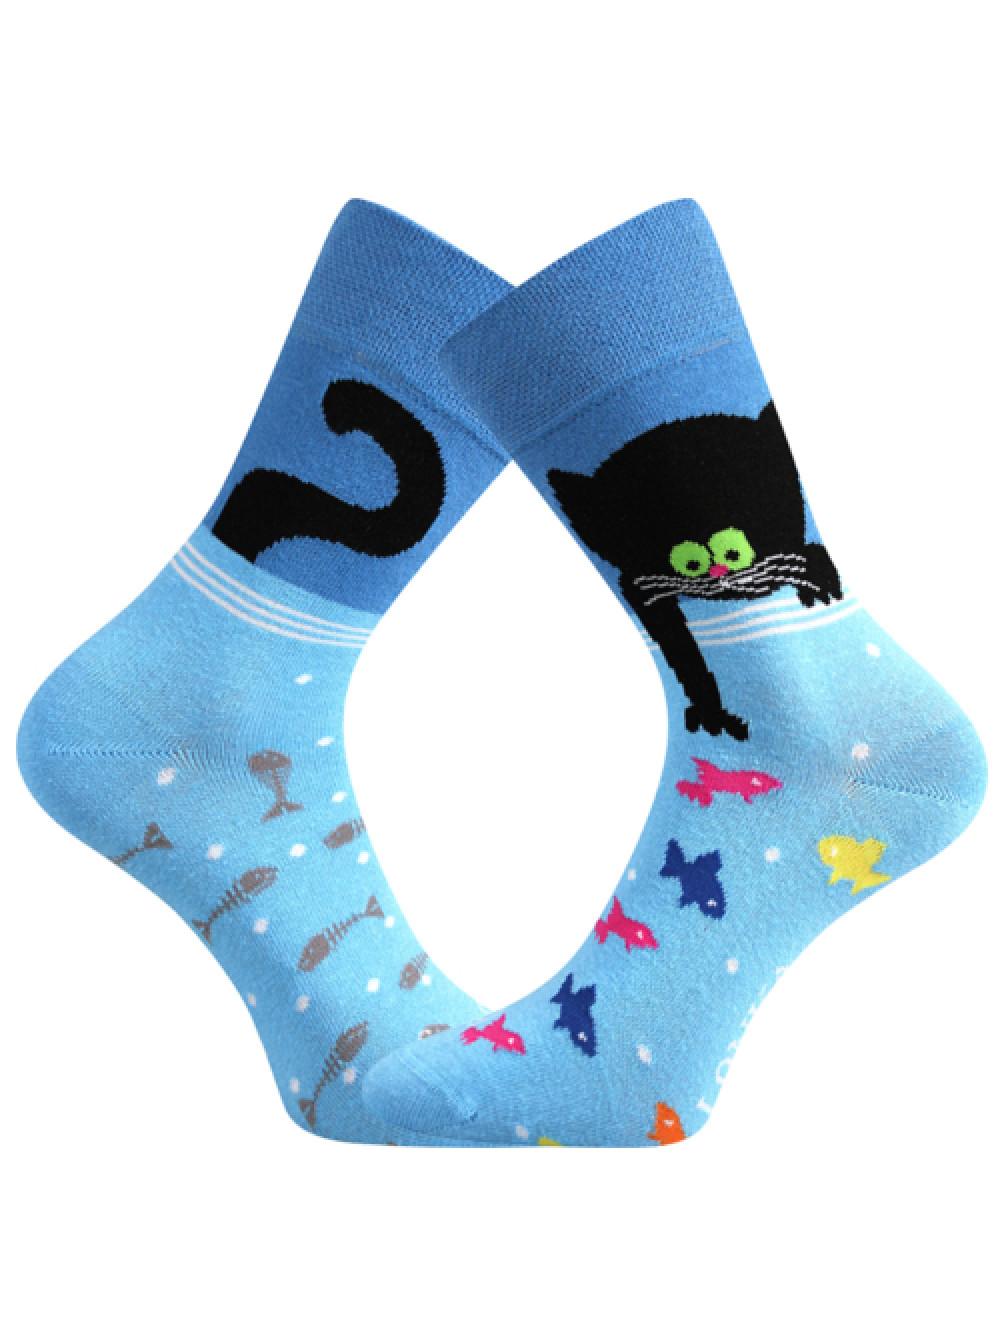 Socken Kater Lonka Doble